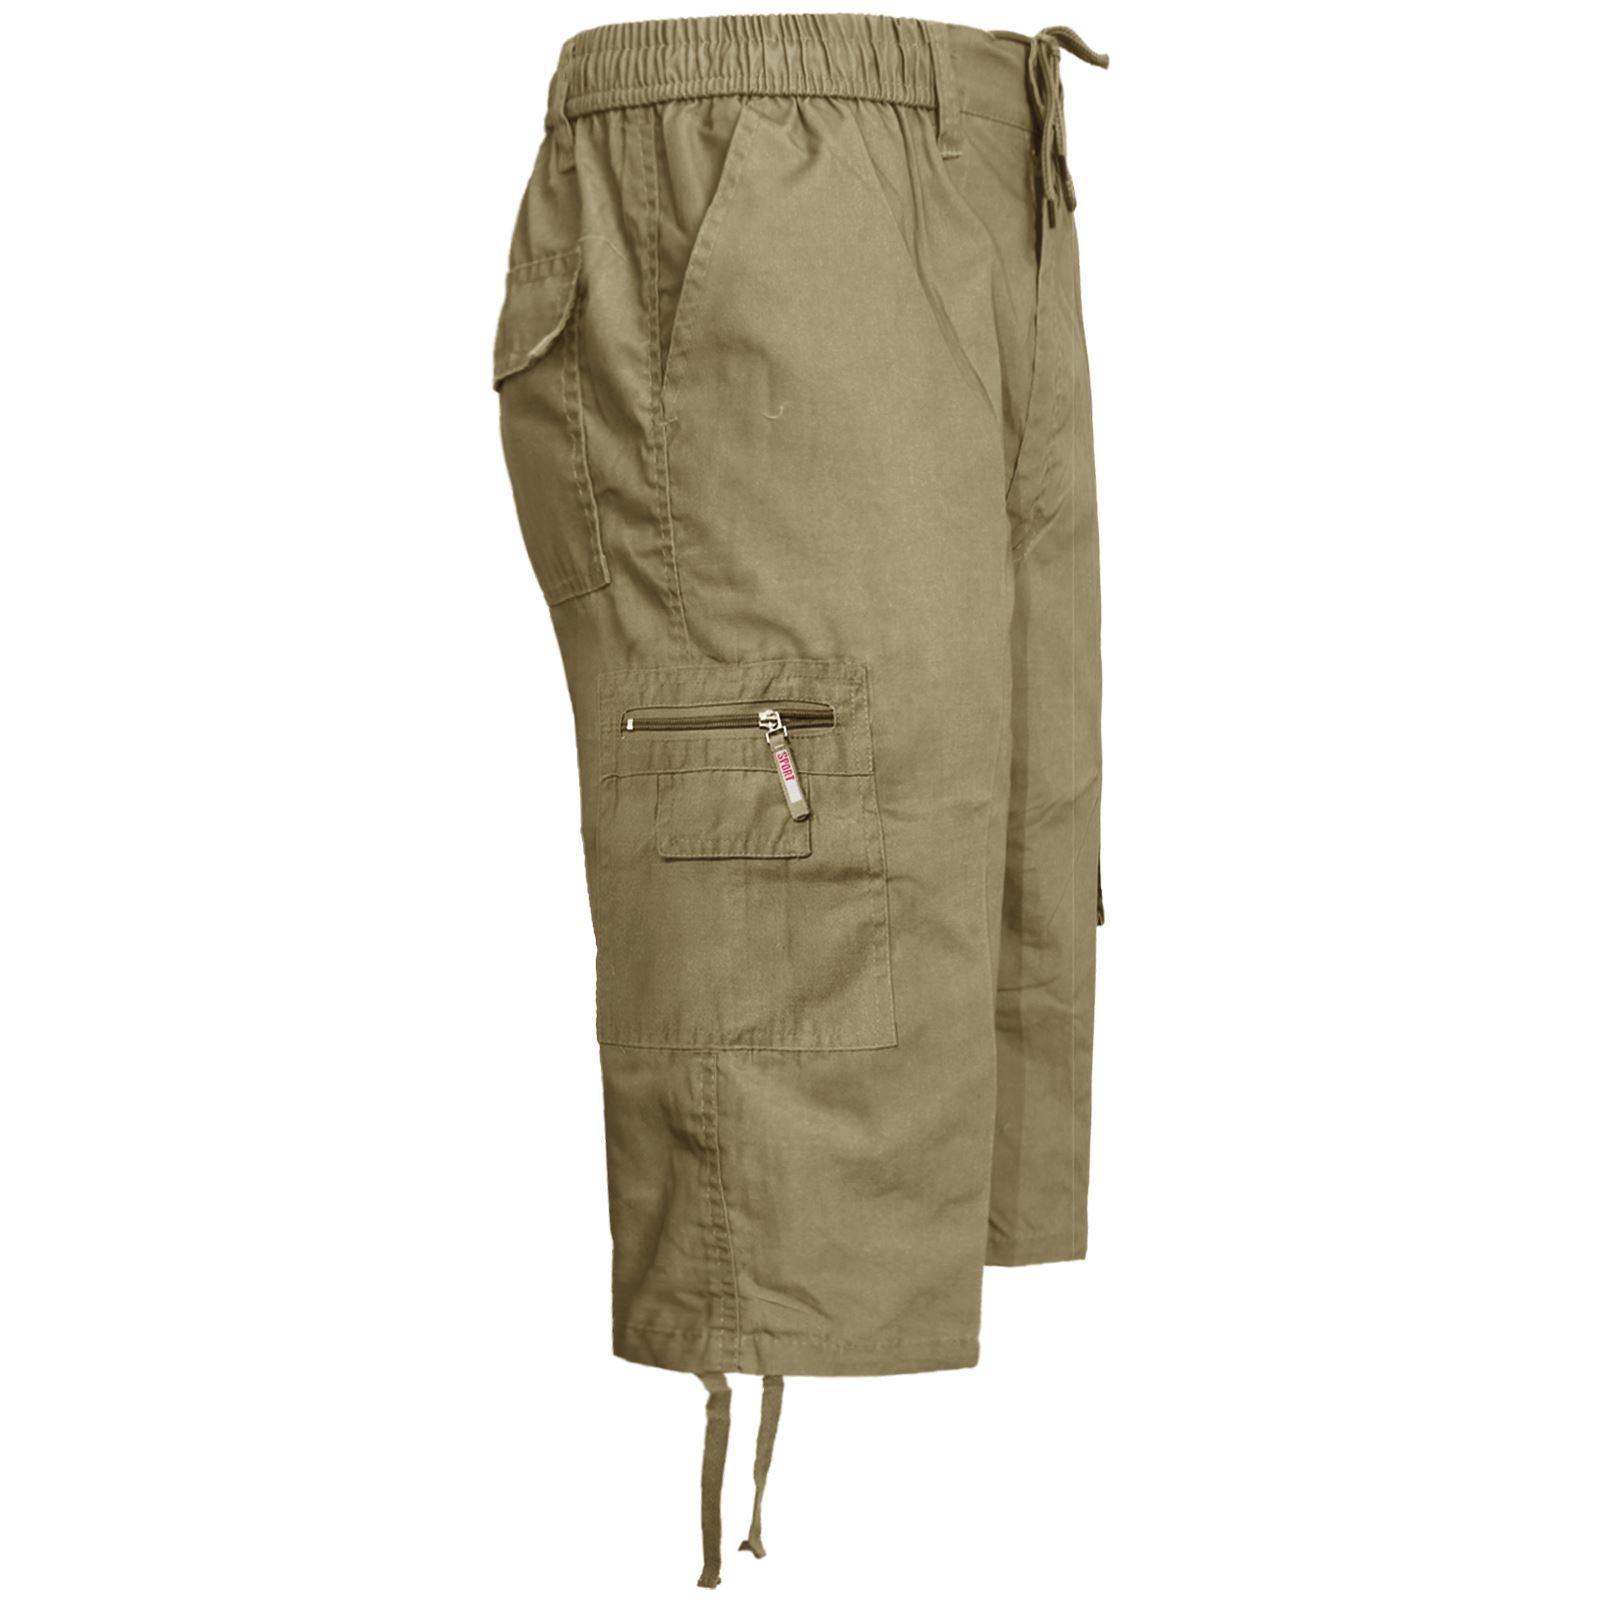 Nuevo-pantalon-corto-para-hombre-de-carga-de-combate-3-4-Largo-Elastico-Pantalones-Informales-Tallas miniatura 6